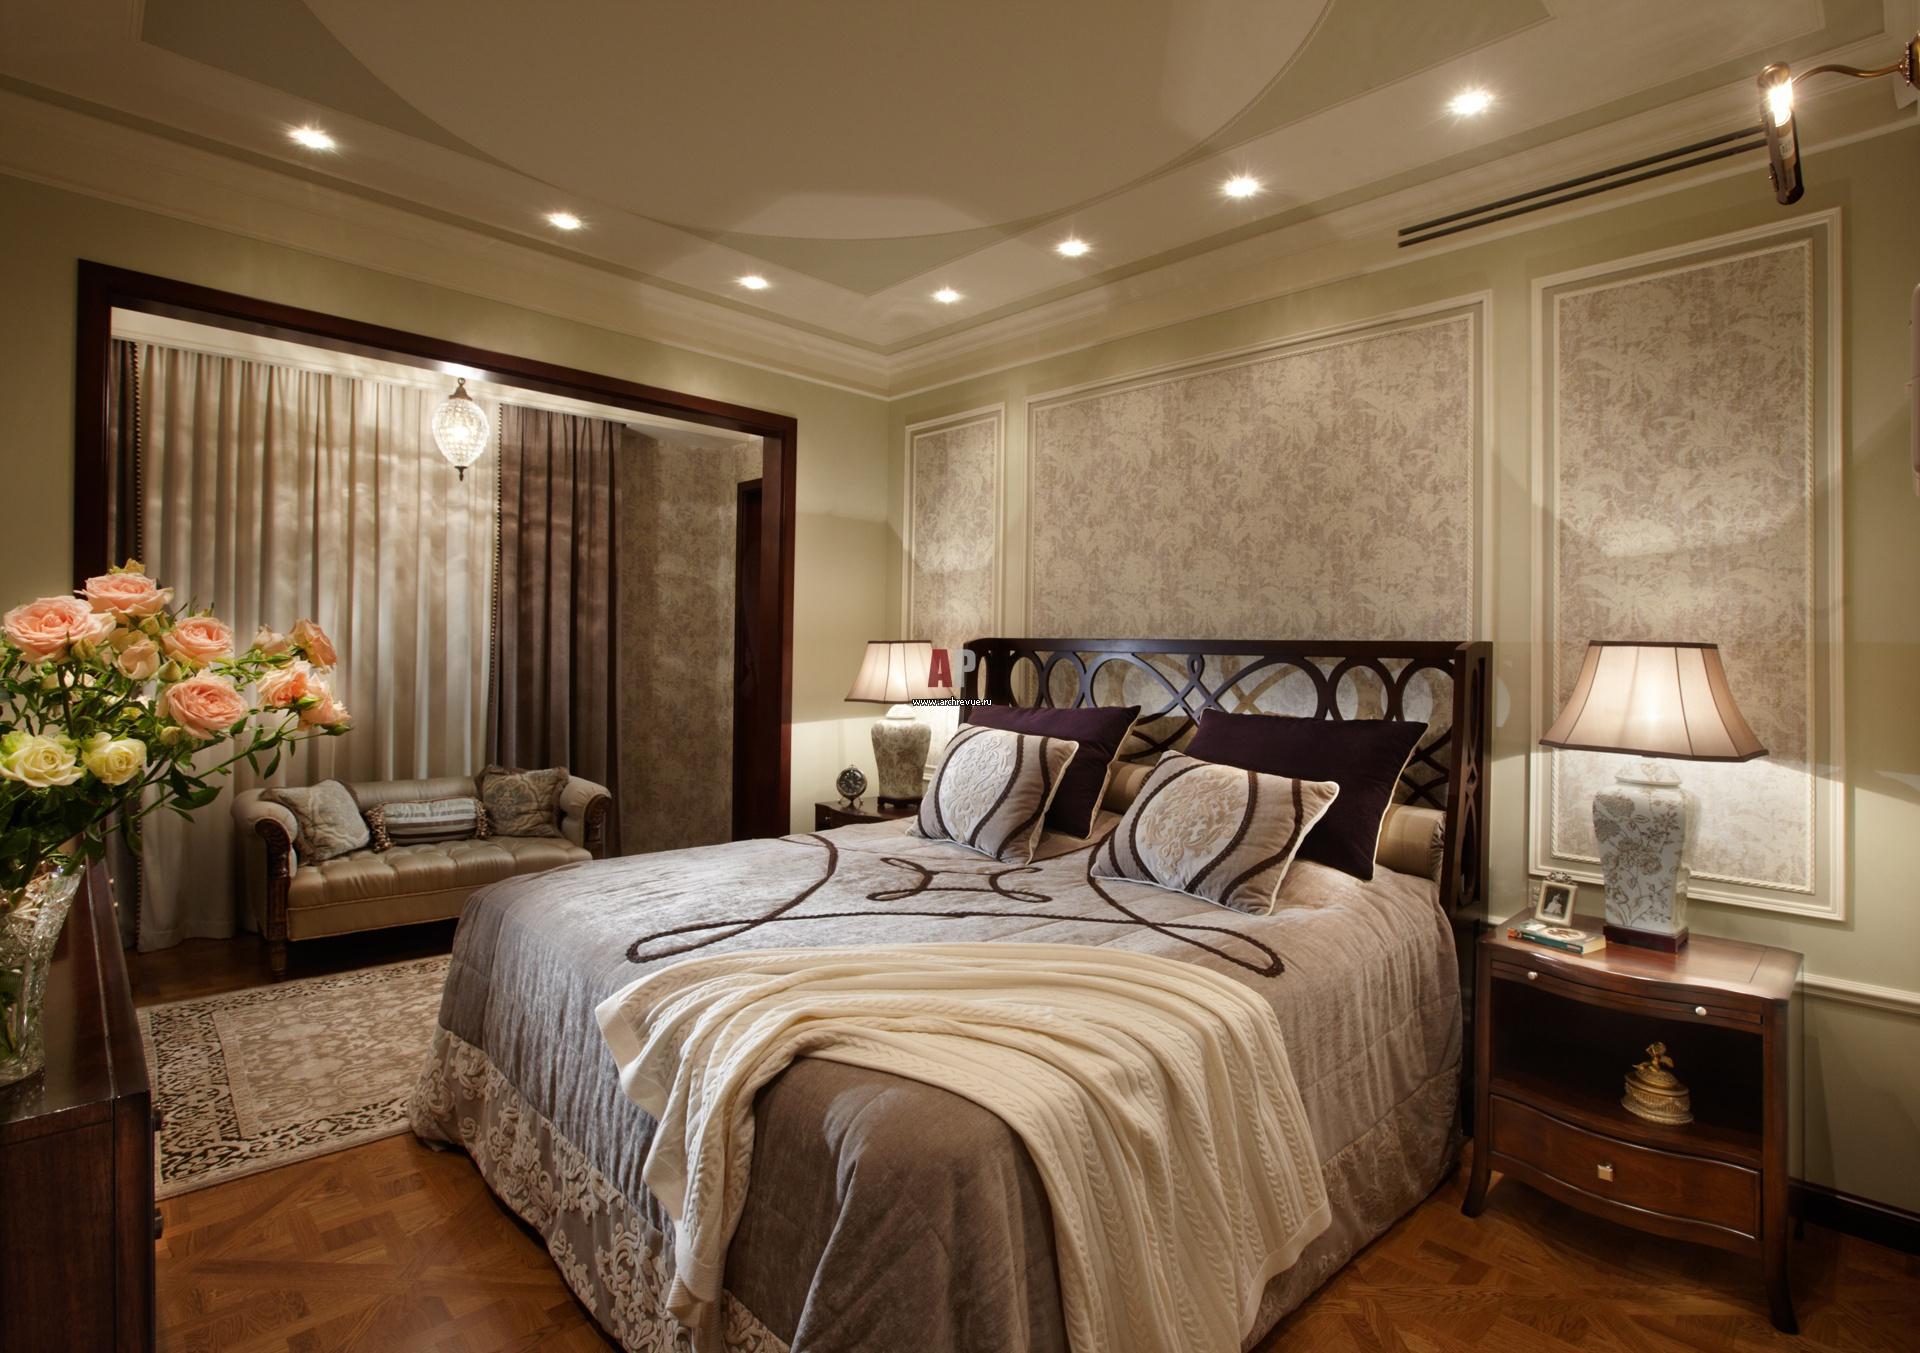 Спальня с балконом: дизайн с особенностями.